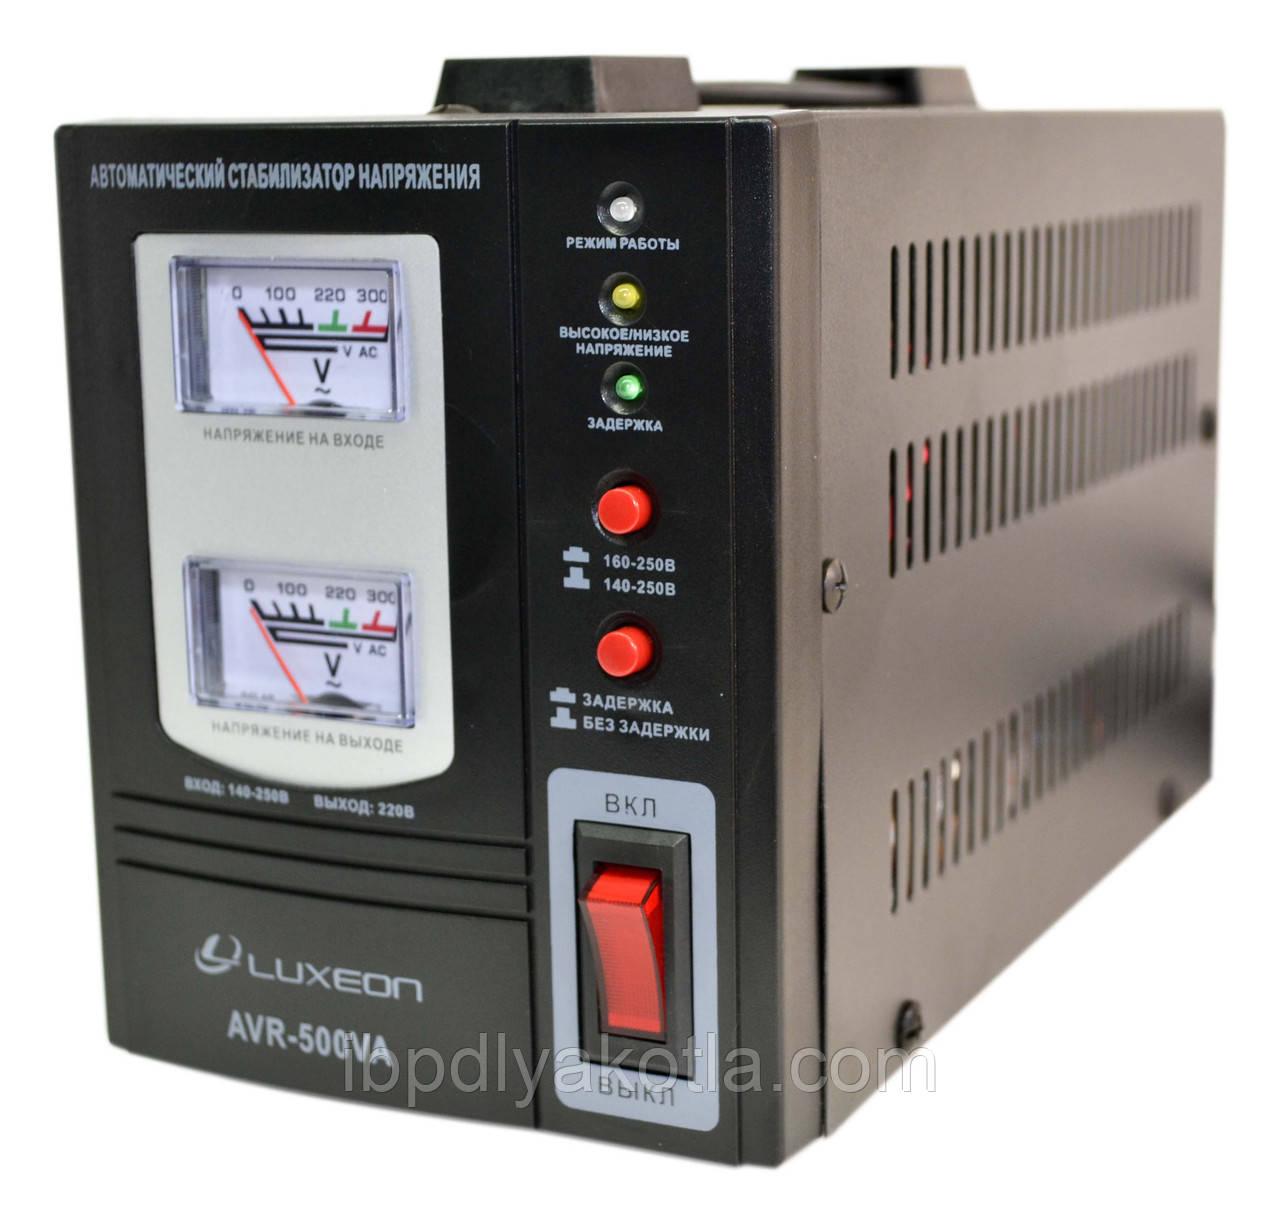 Стабилизатор напряжения luxeon 500va стабилизаторы напряжения однофазные что это